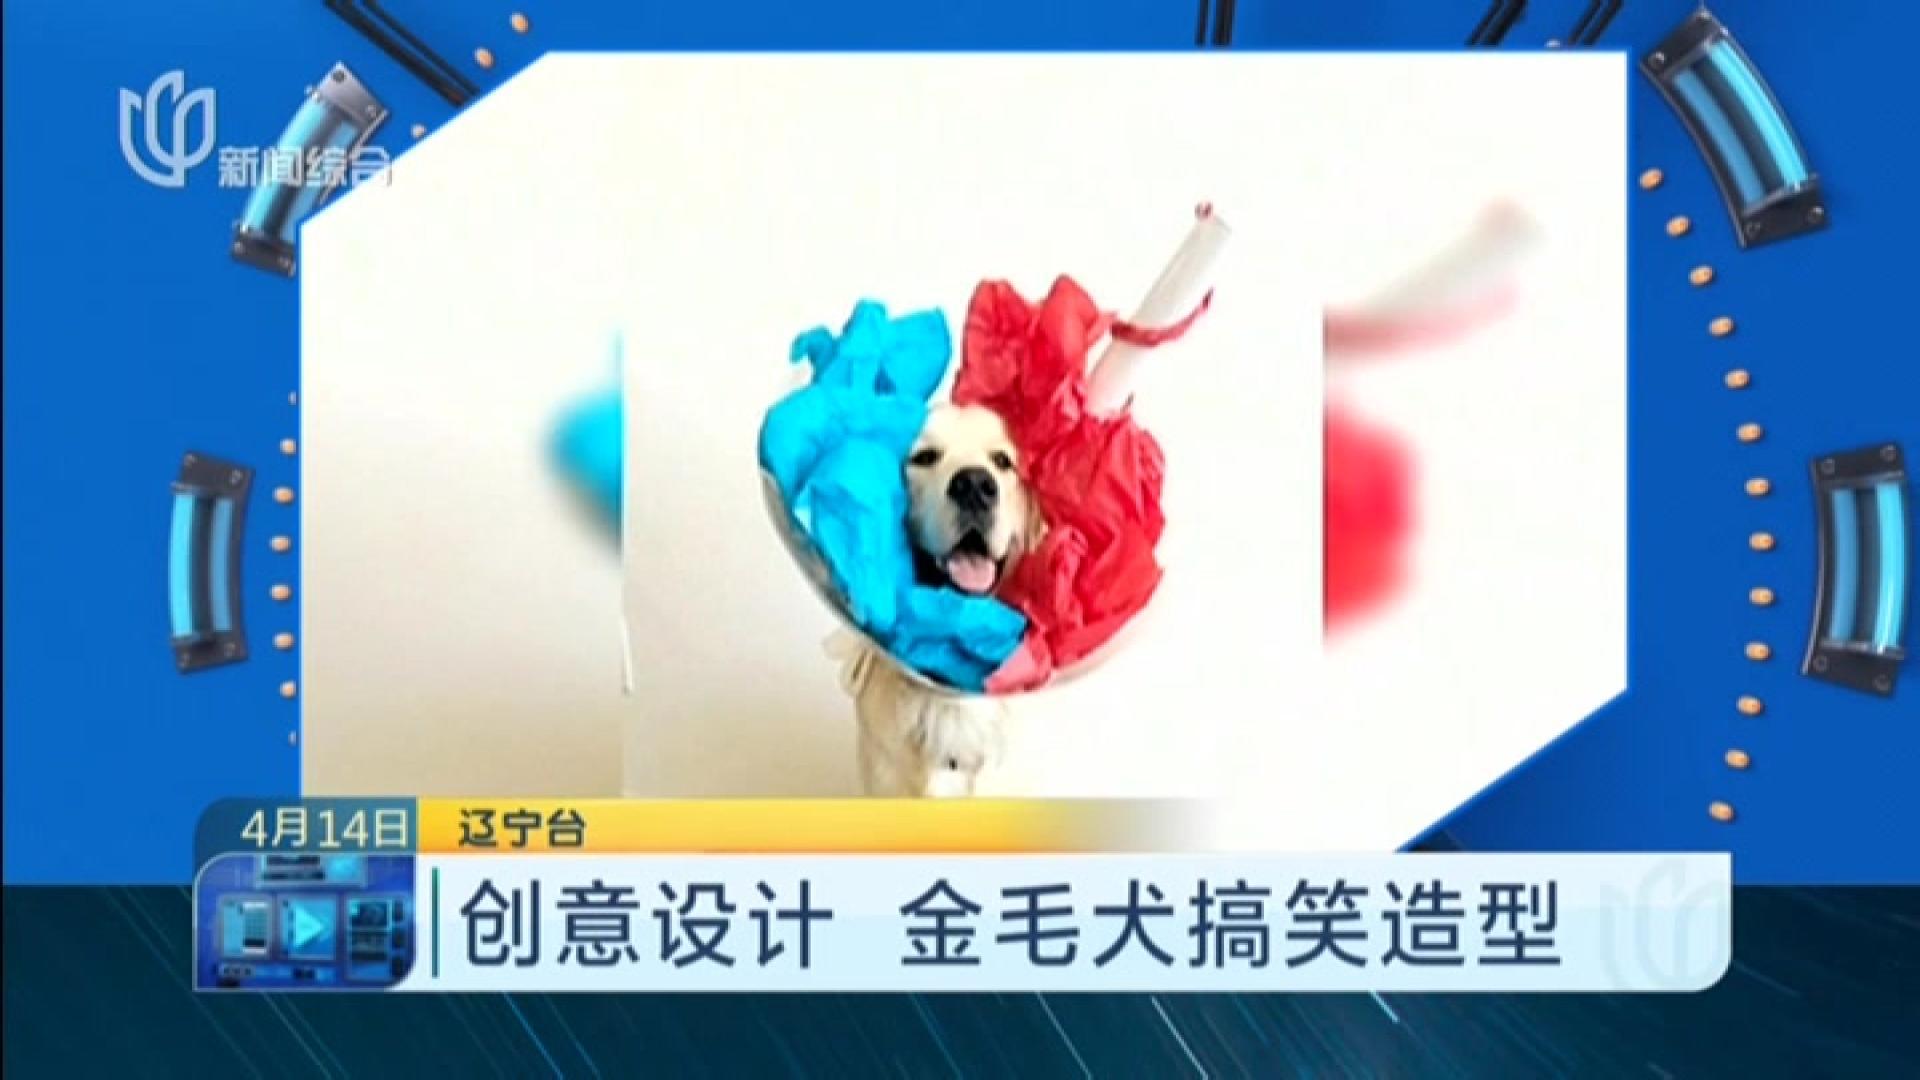 媒体|创意设计金毛犬搞笑造型_食品大搜索_看外包装设计箱视频图片